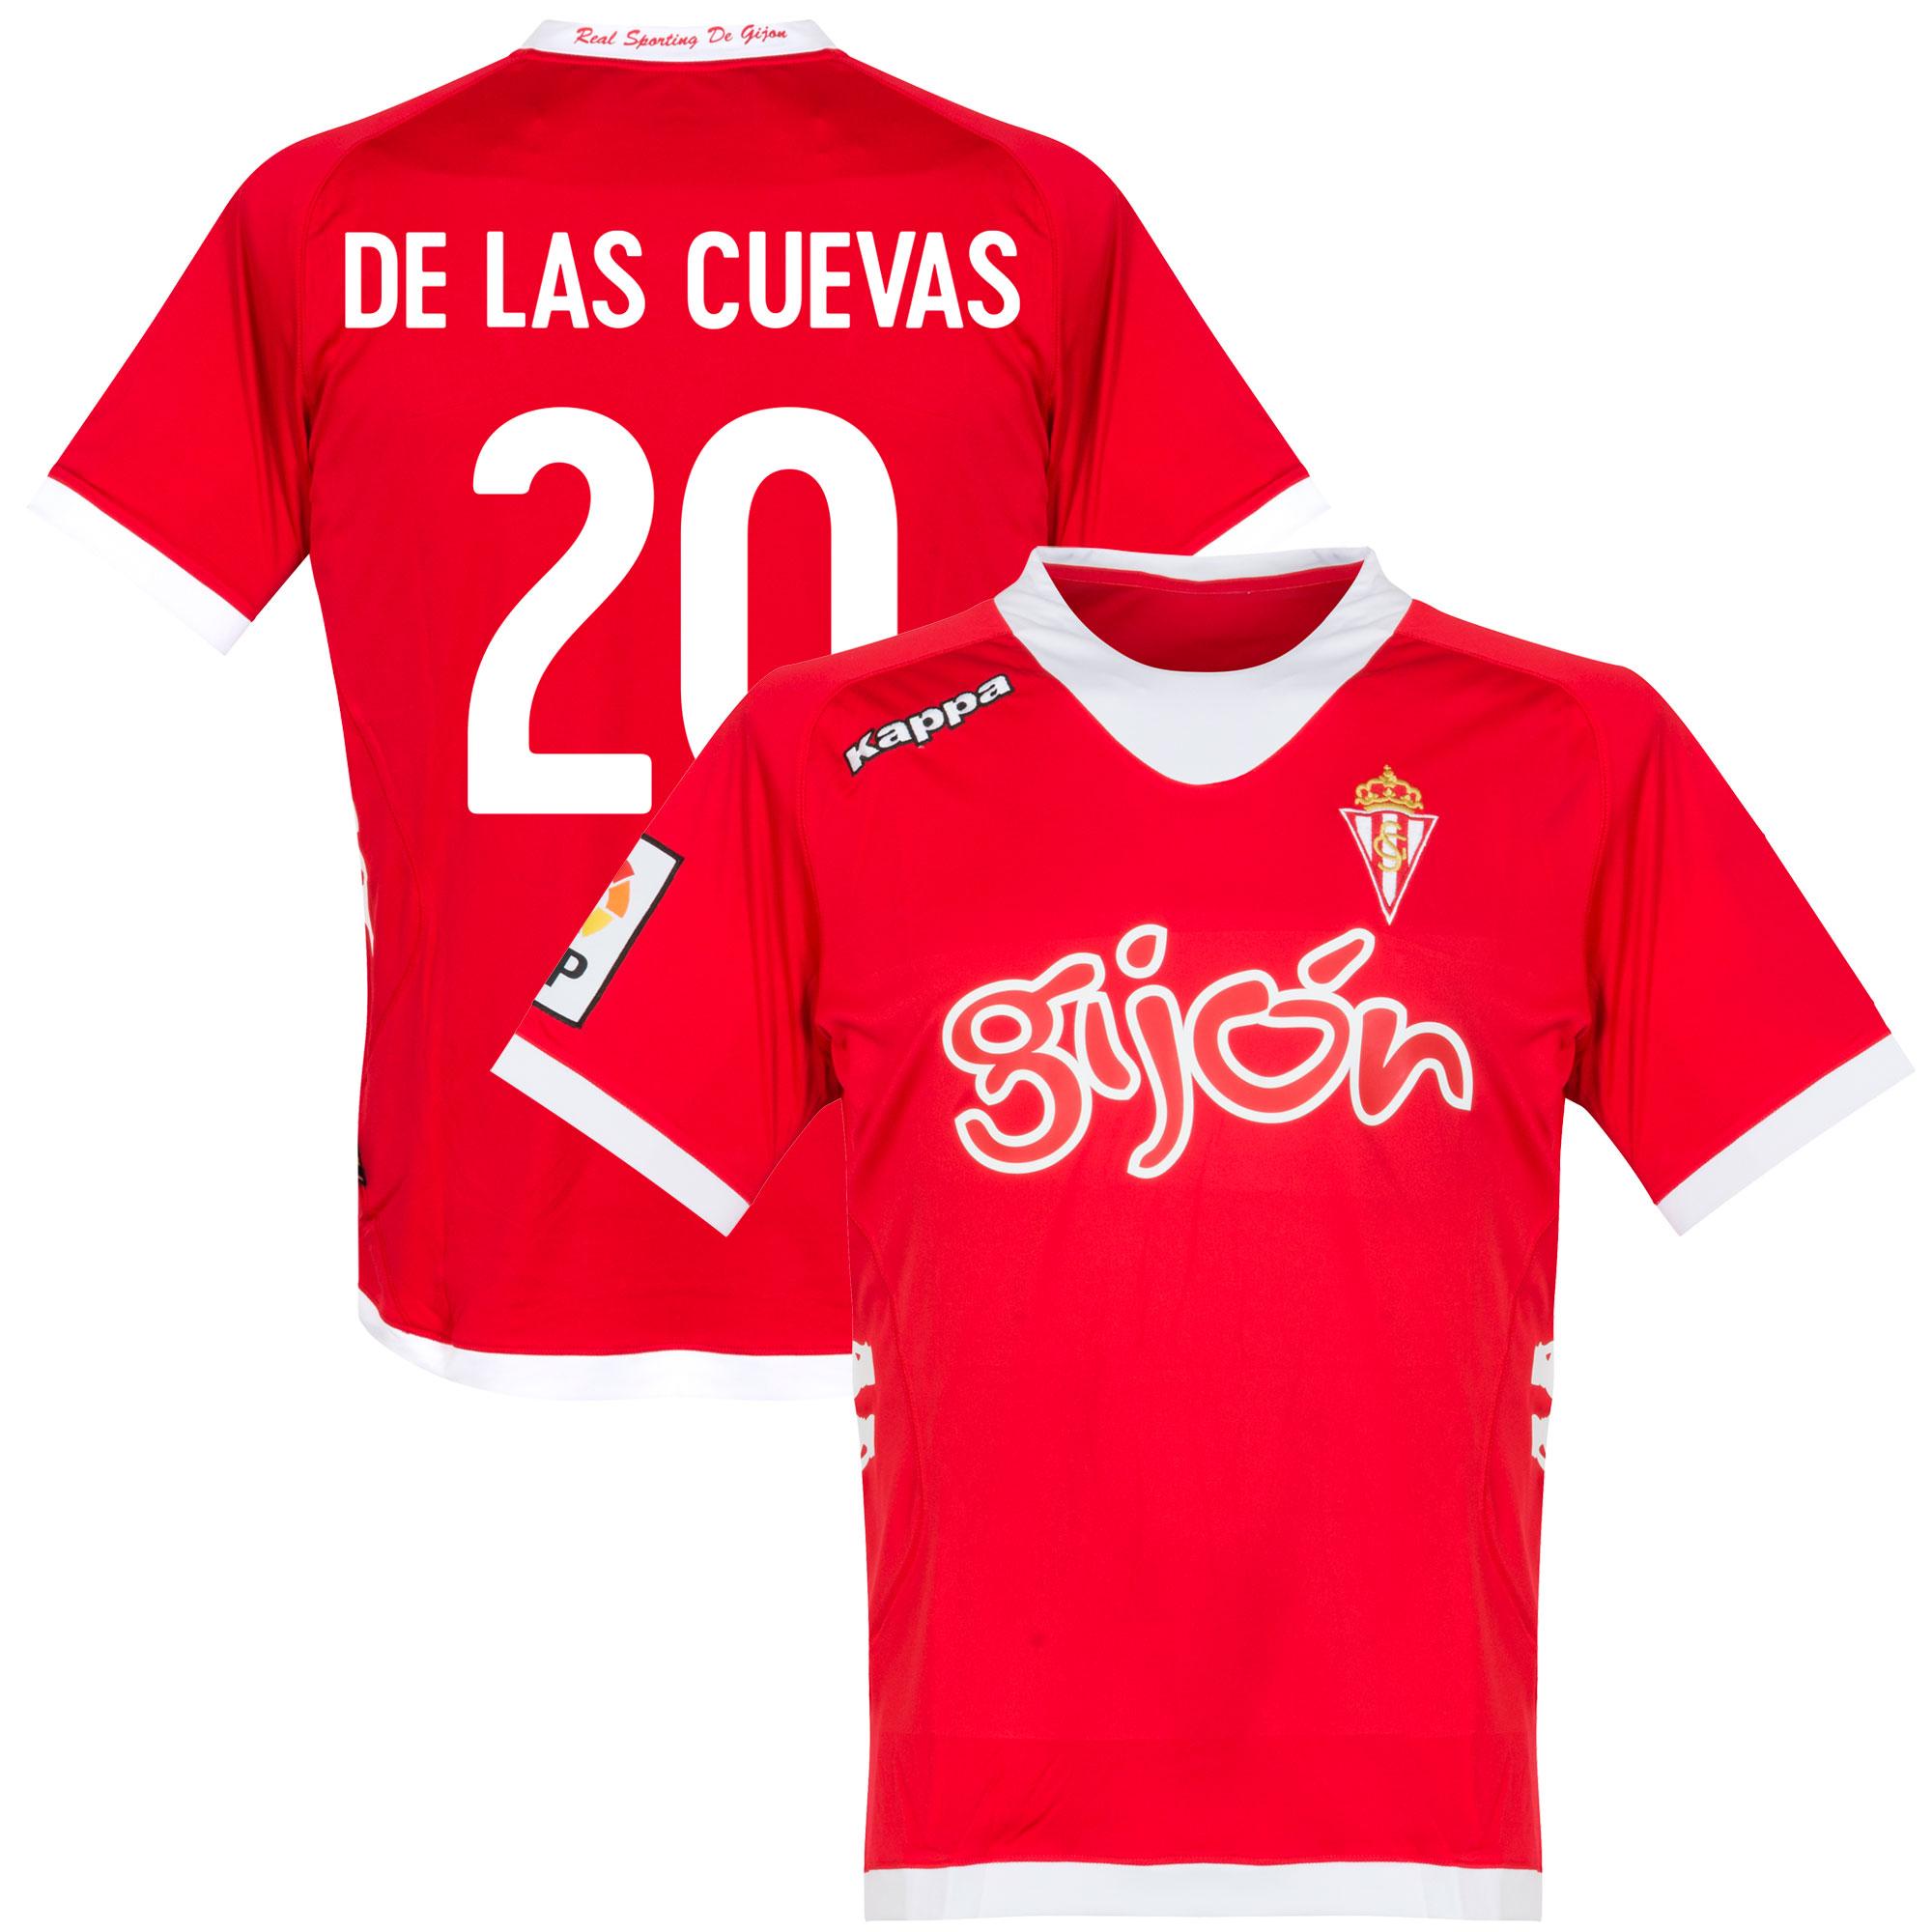 Sporting Gijon Away De Las Cuevas 20 Shirt 2012 2013 (Fan Style Pritning) - S